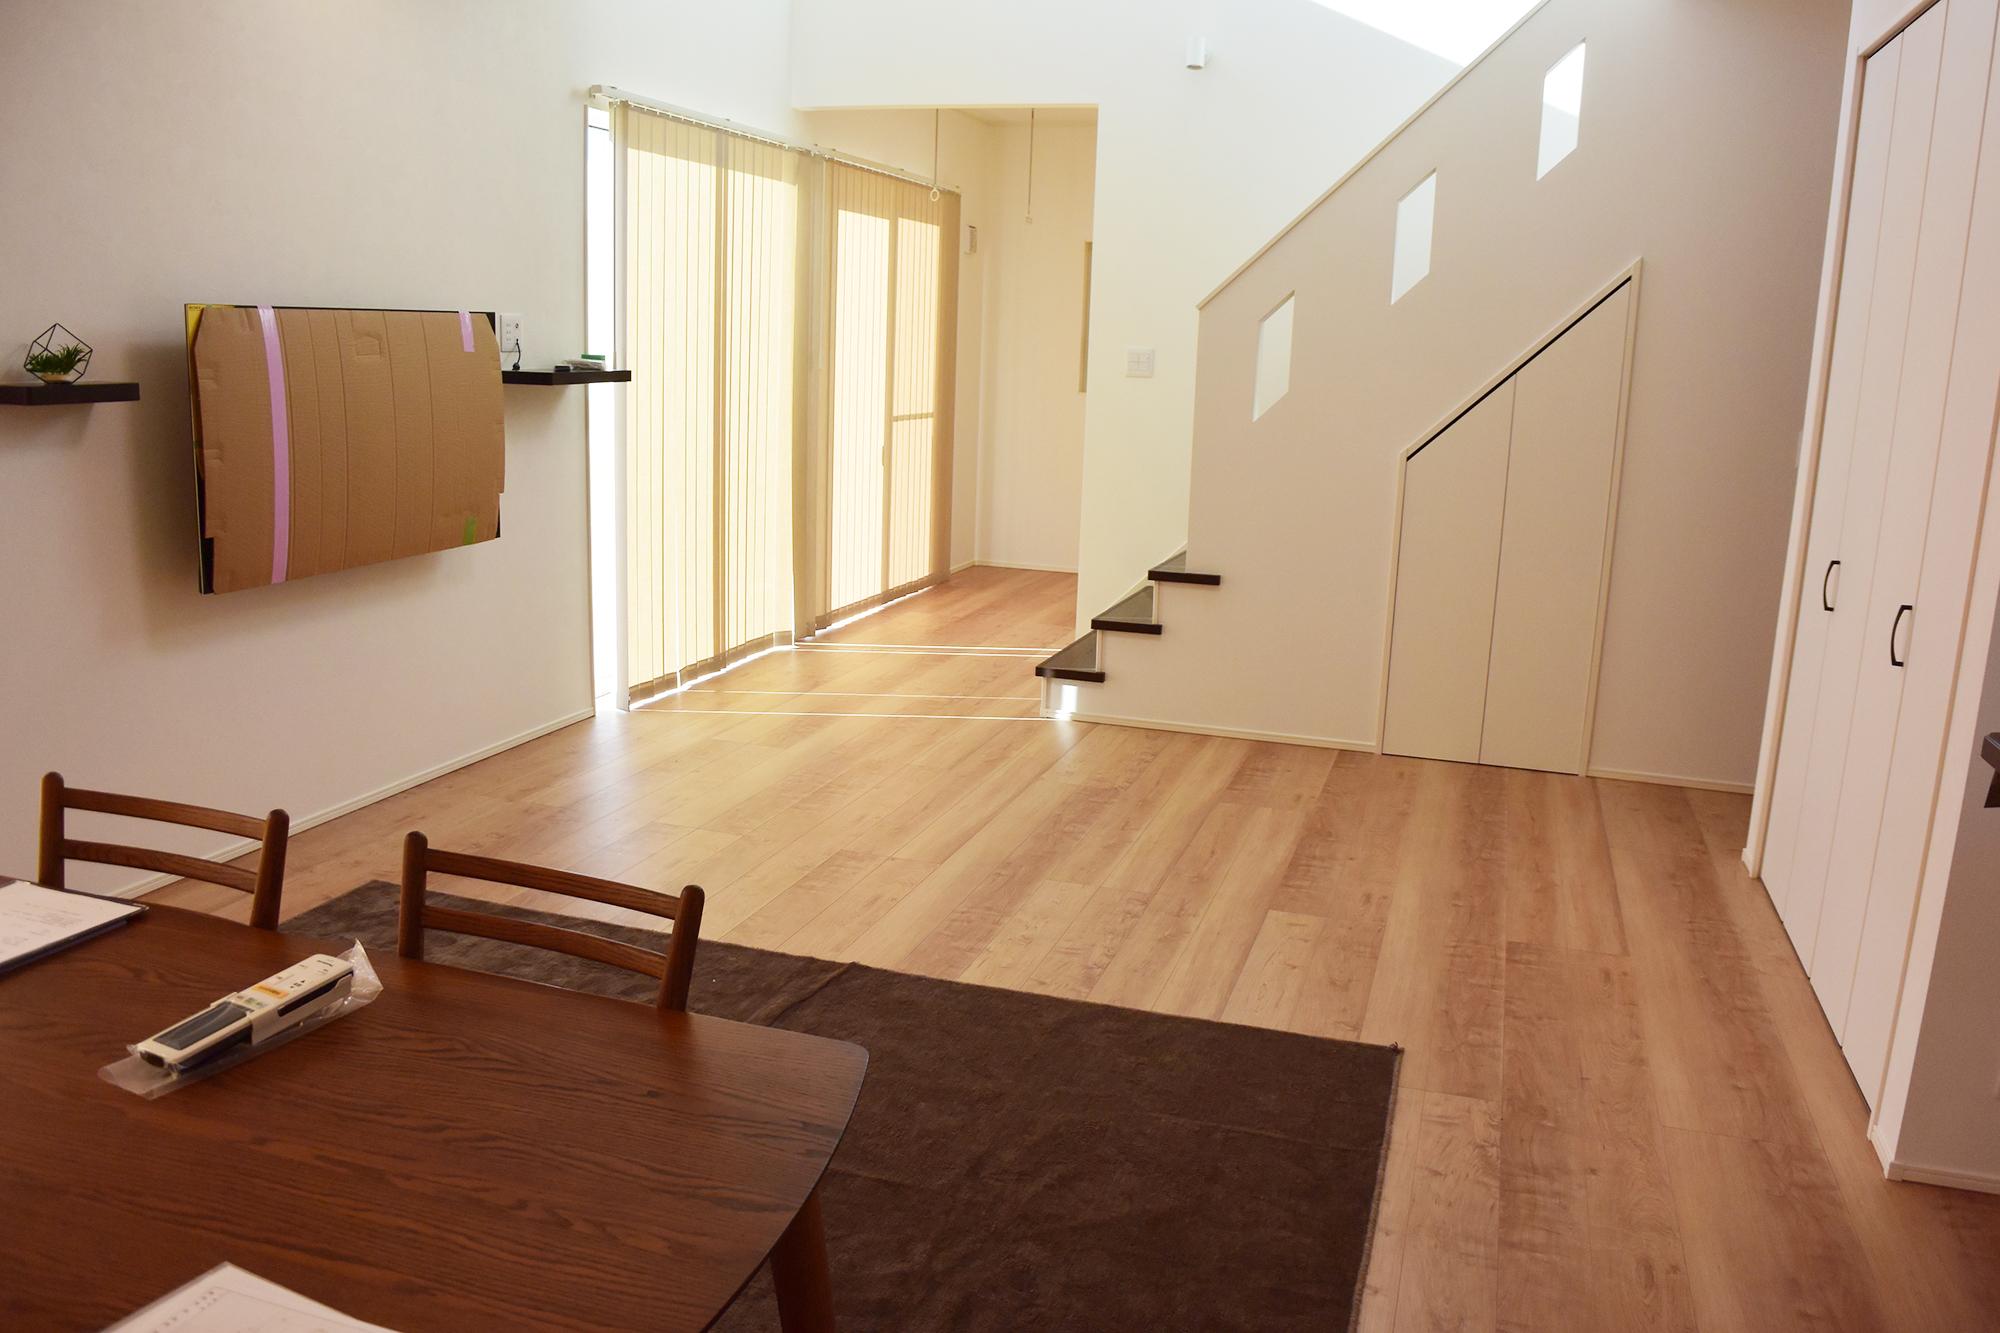 リビングでは壁掛けの大型テレビでくつろげます。階段の向こうにはサンルームが広がります。